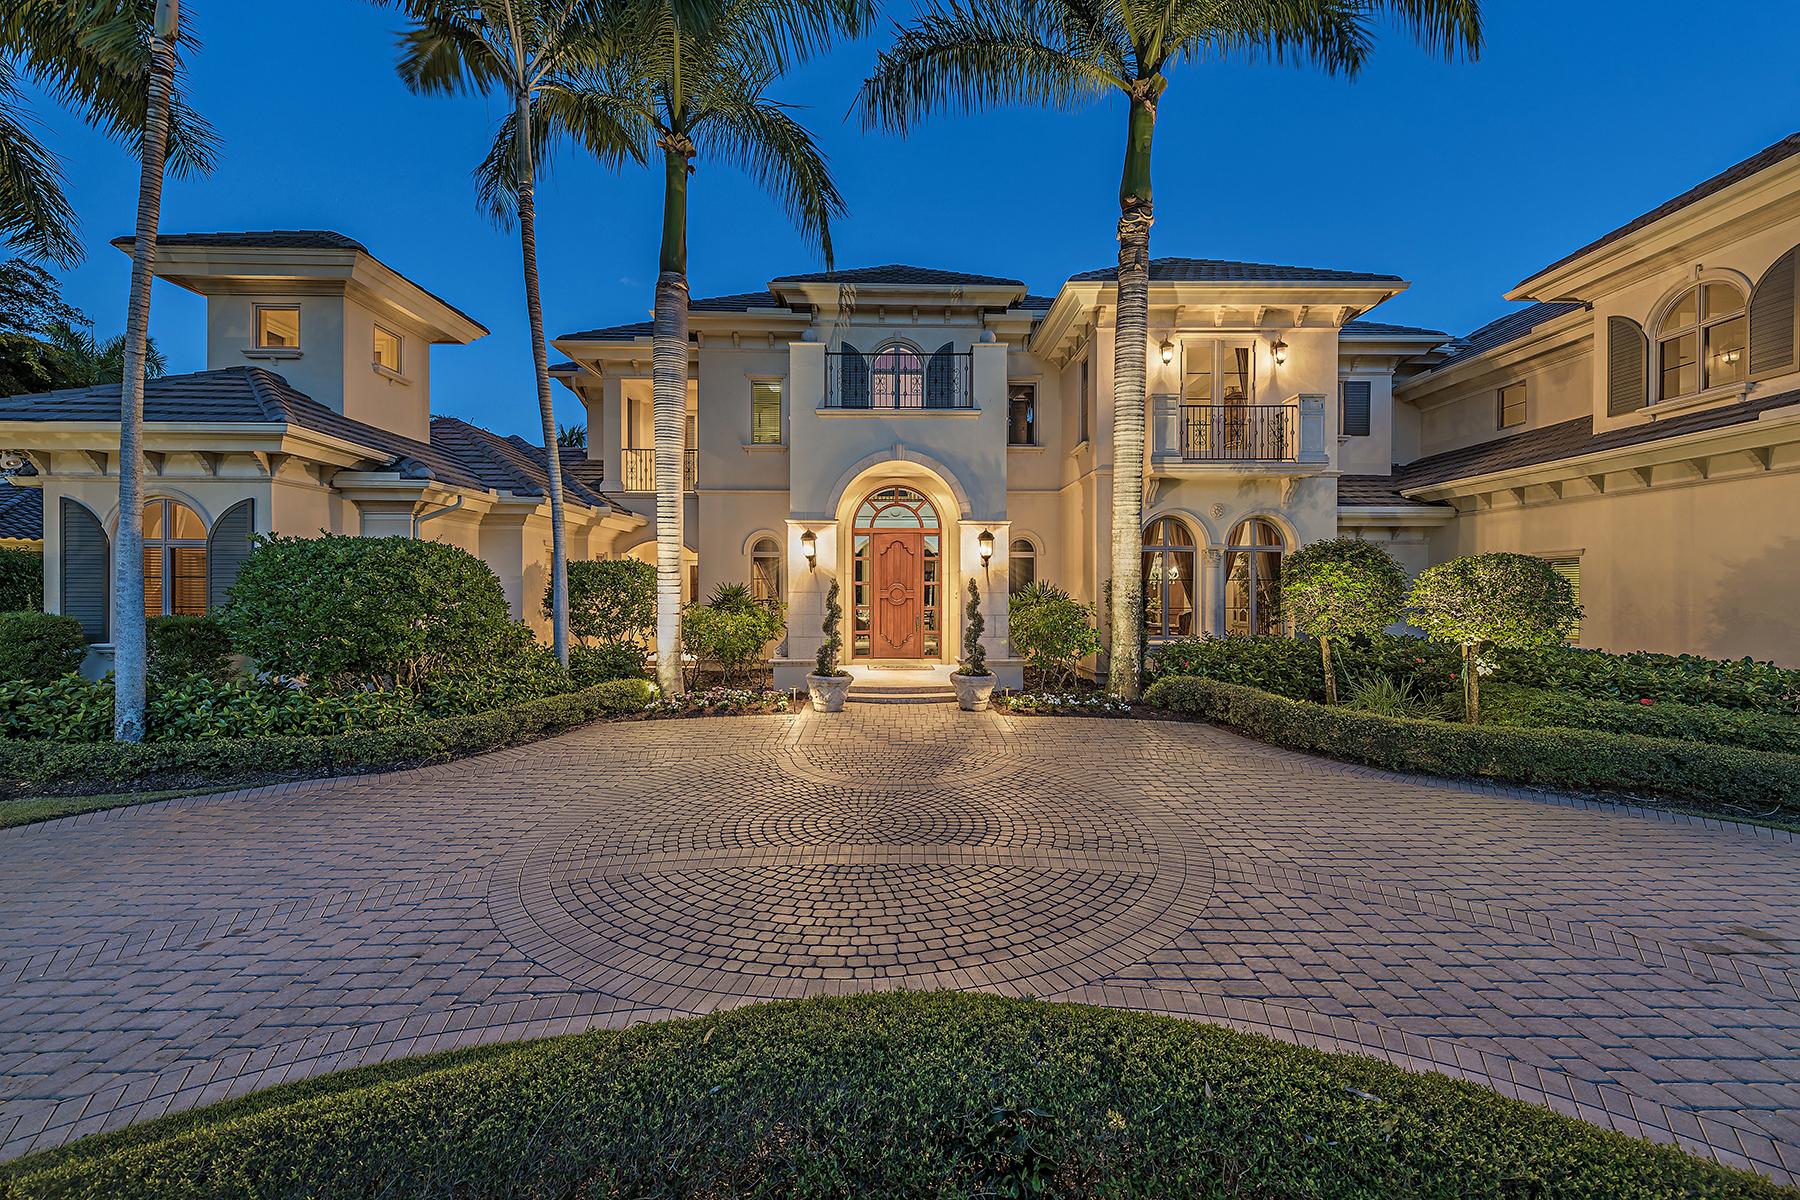 Einfamilienhaus für Verkauf beim ESTUARY AT GREY OAKS 1420 Nighthawk Pt Naples, Florida, 34105 Vereinigte Staaten